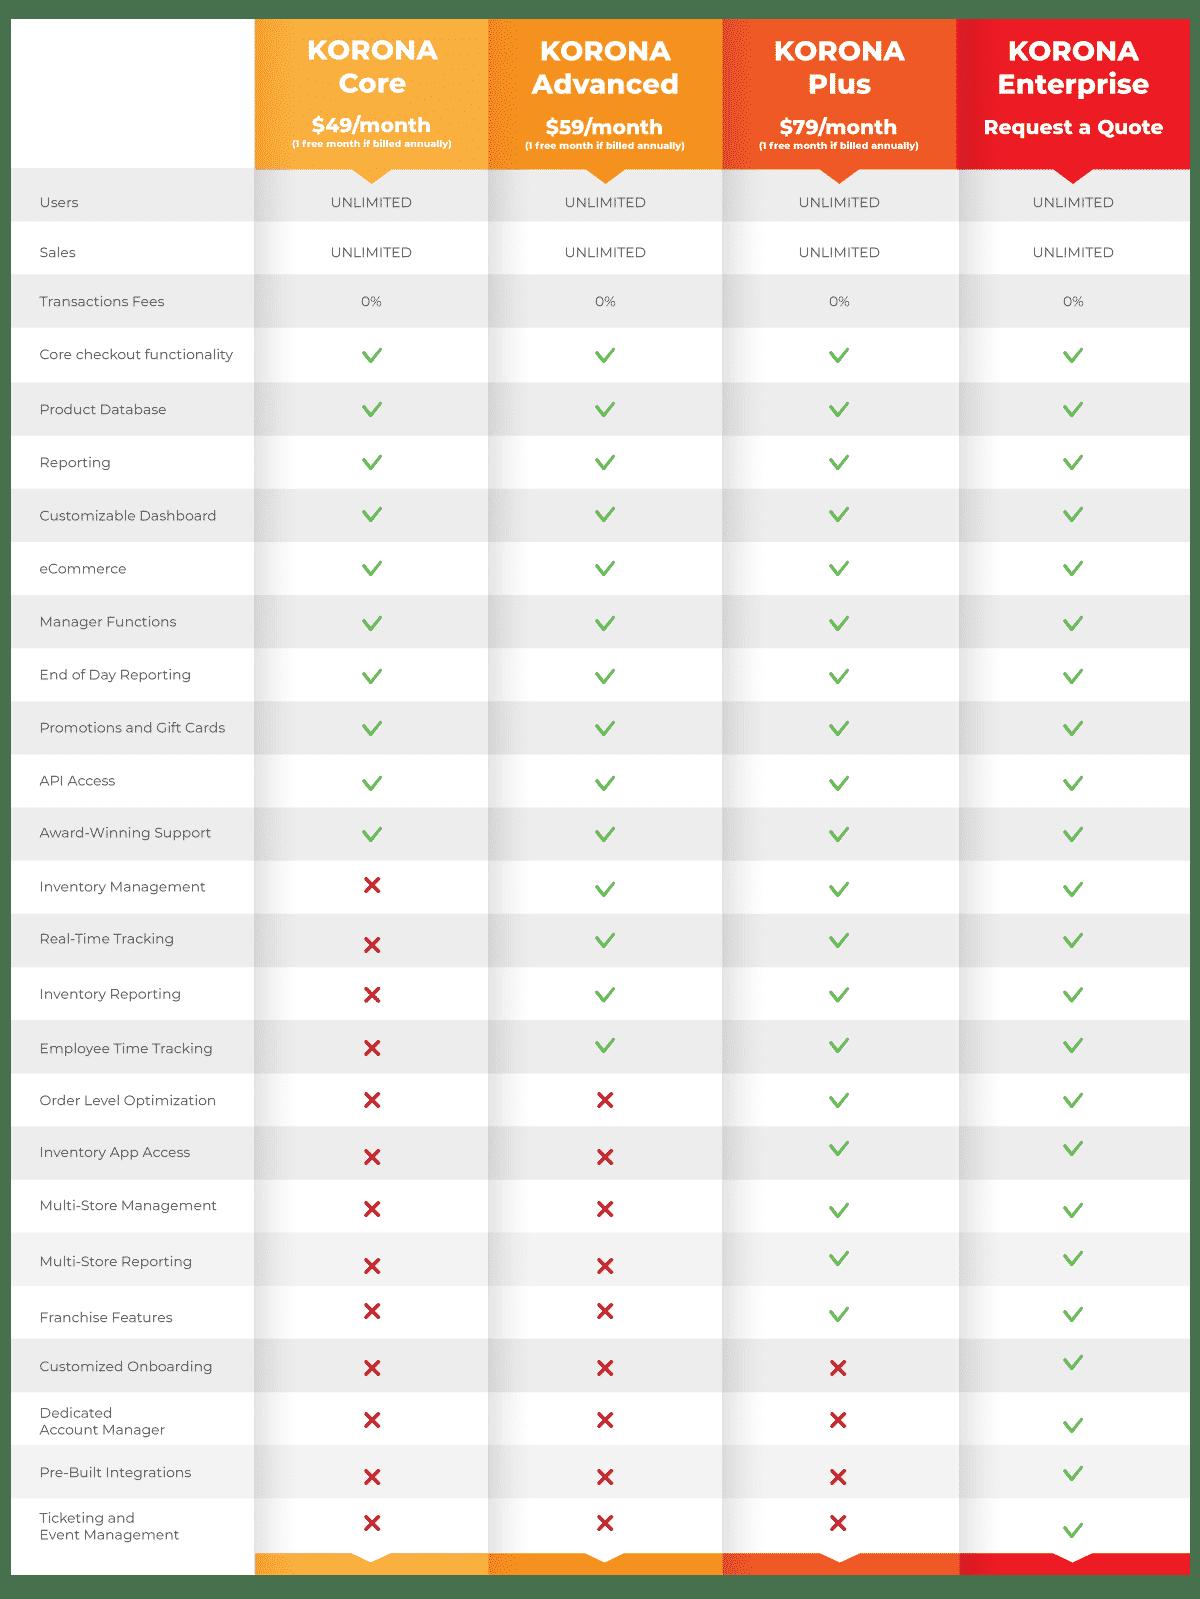 KORONA POS New Pricing Chart